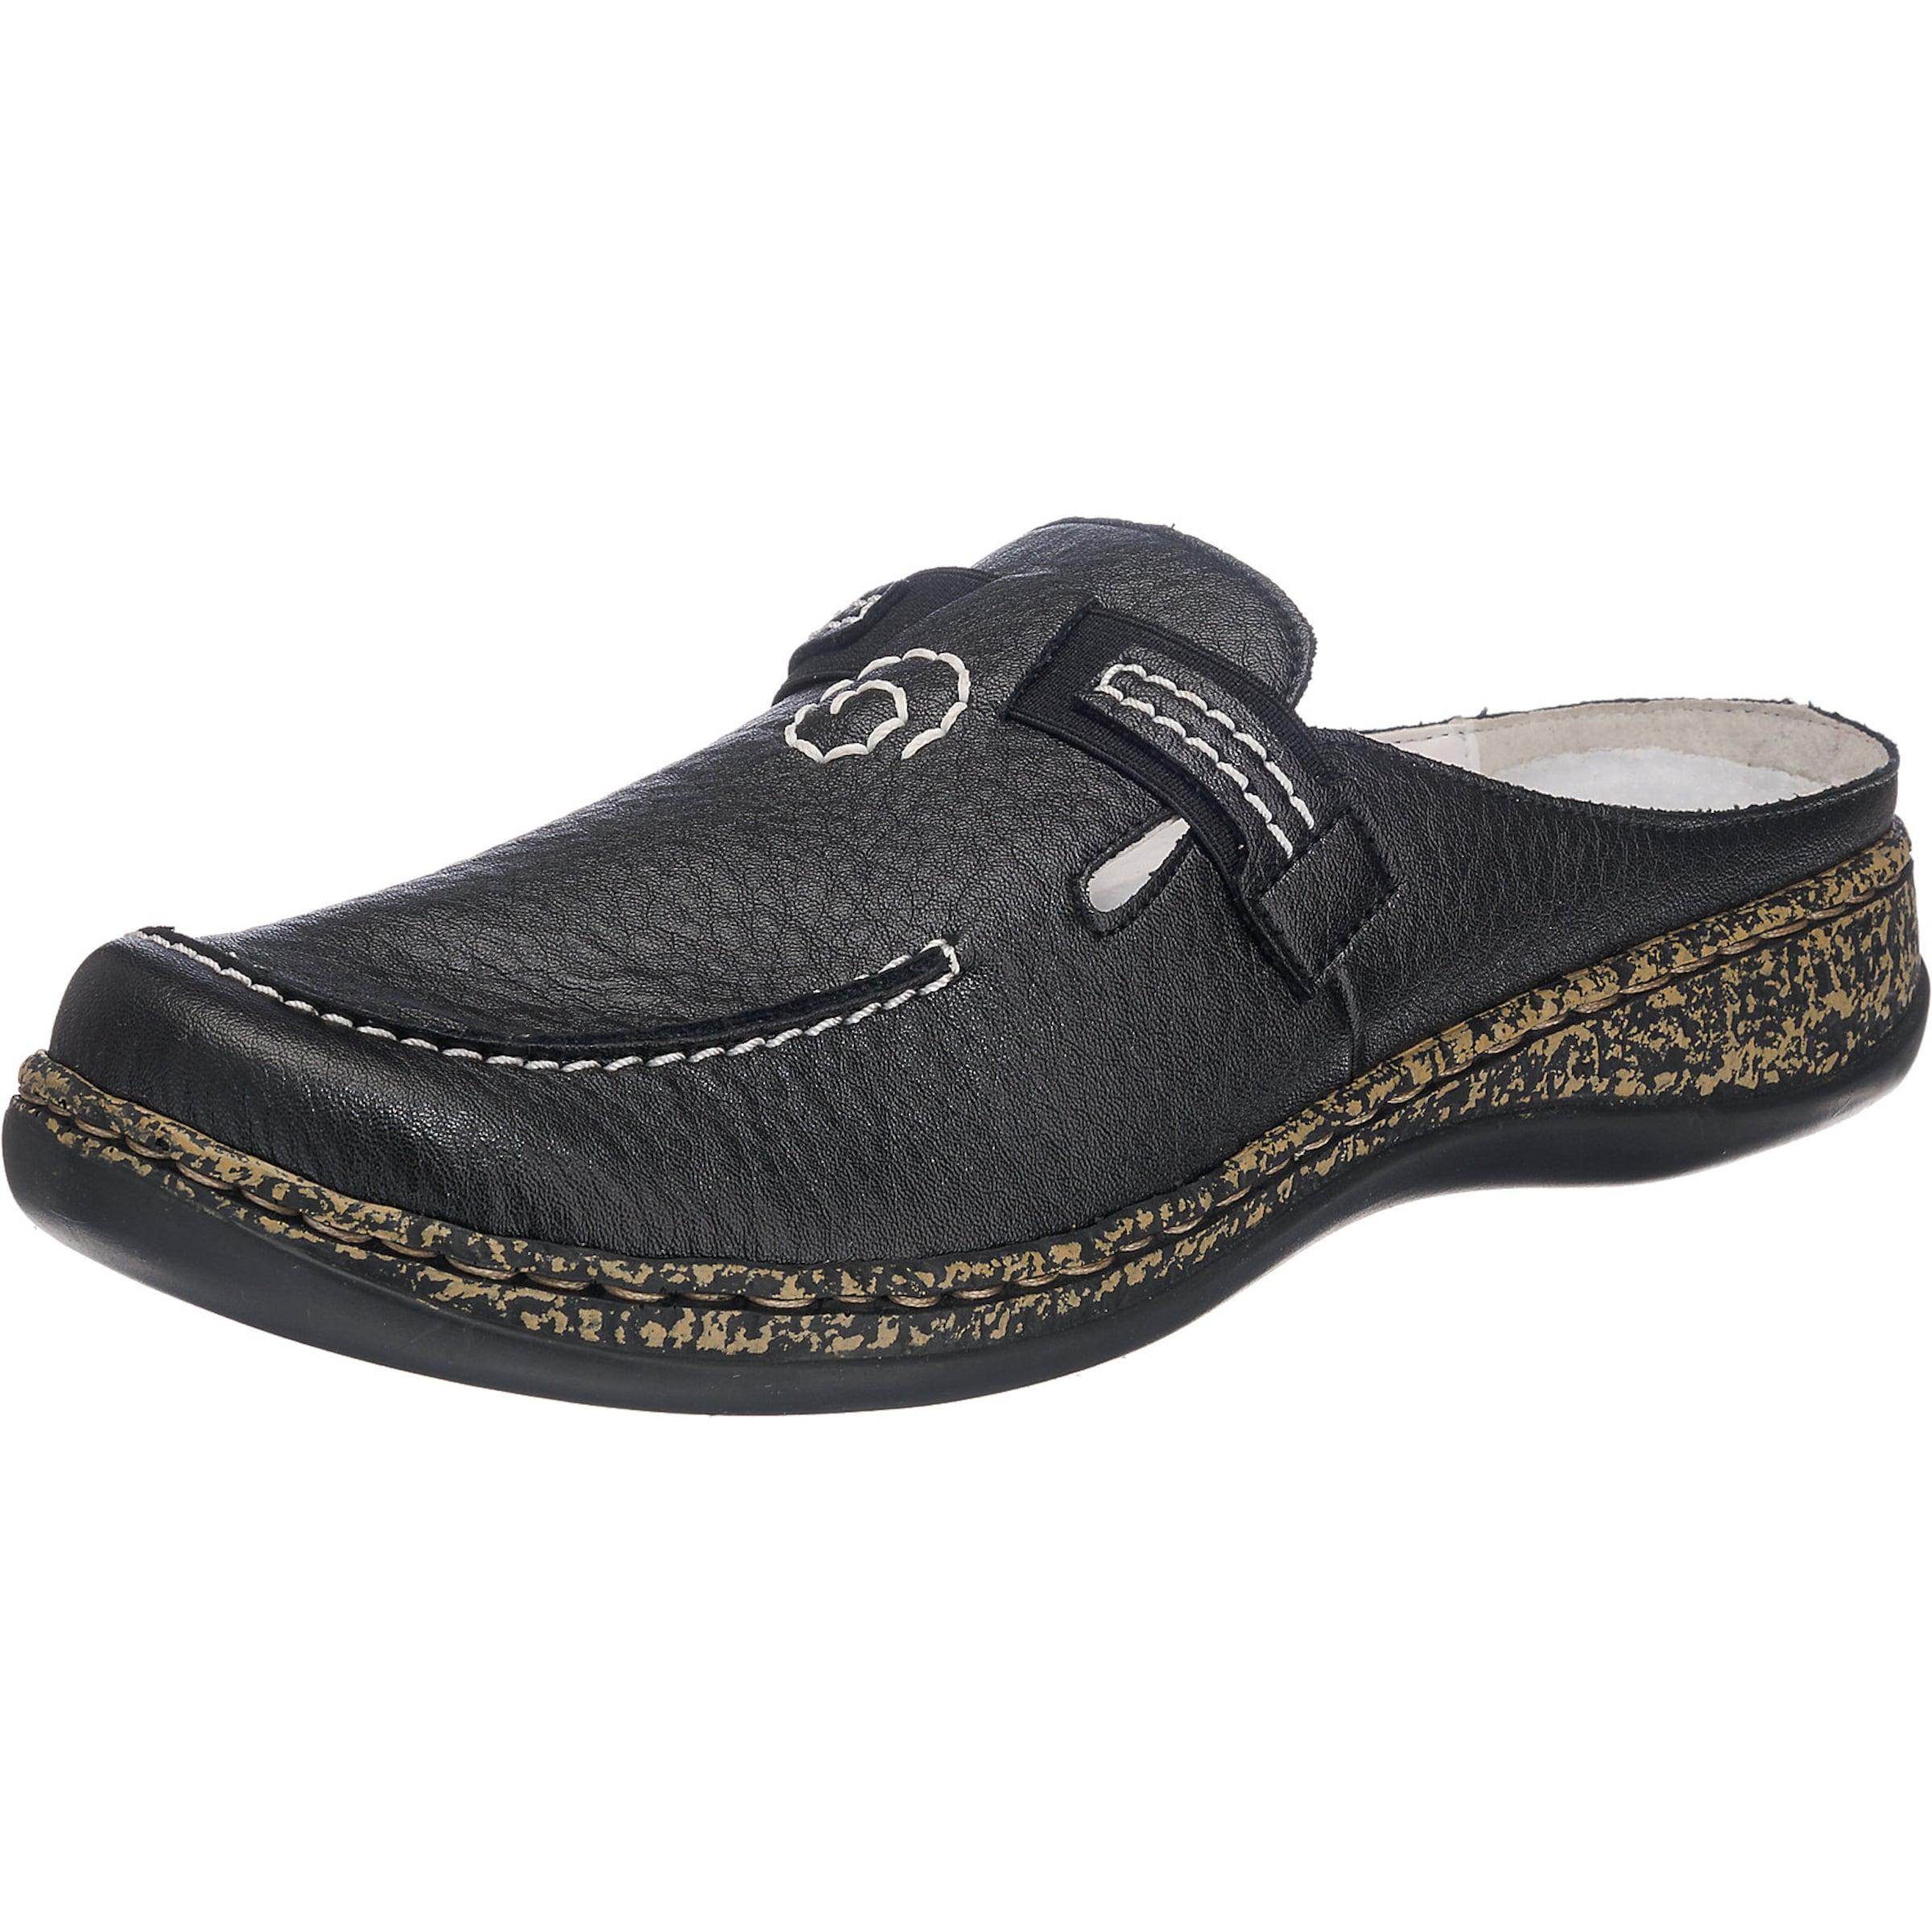 RIEKER Clog mit Klettverschluss Verschleißfeste billige Schuhe